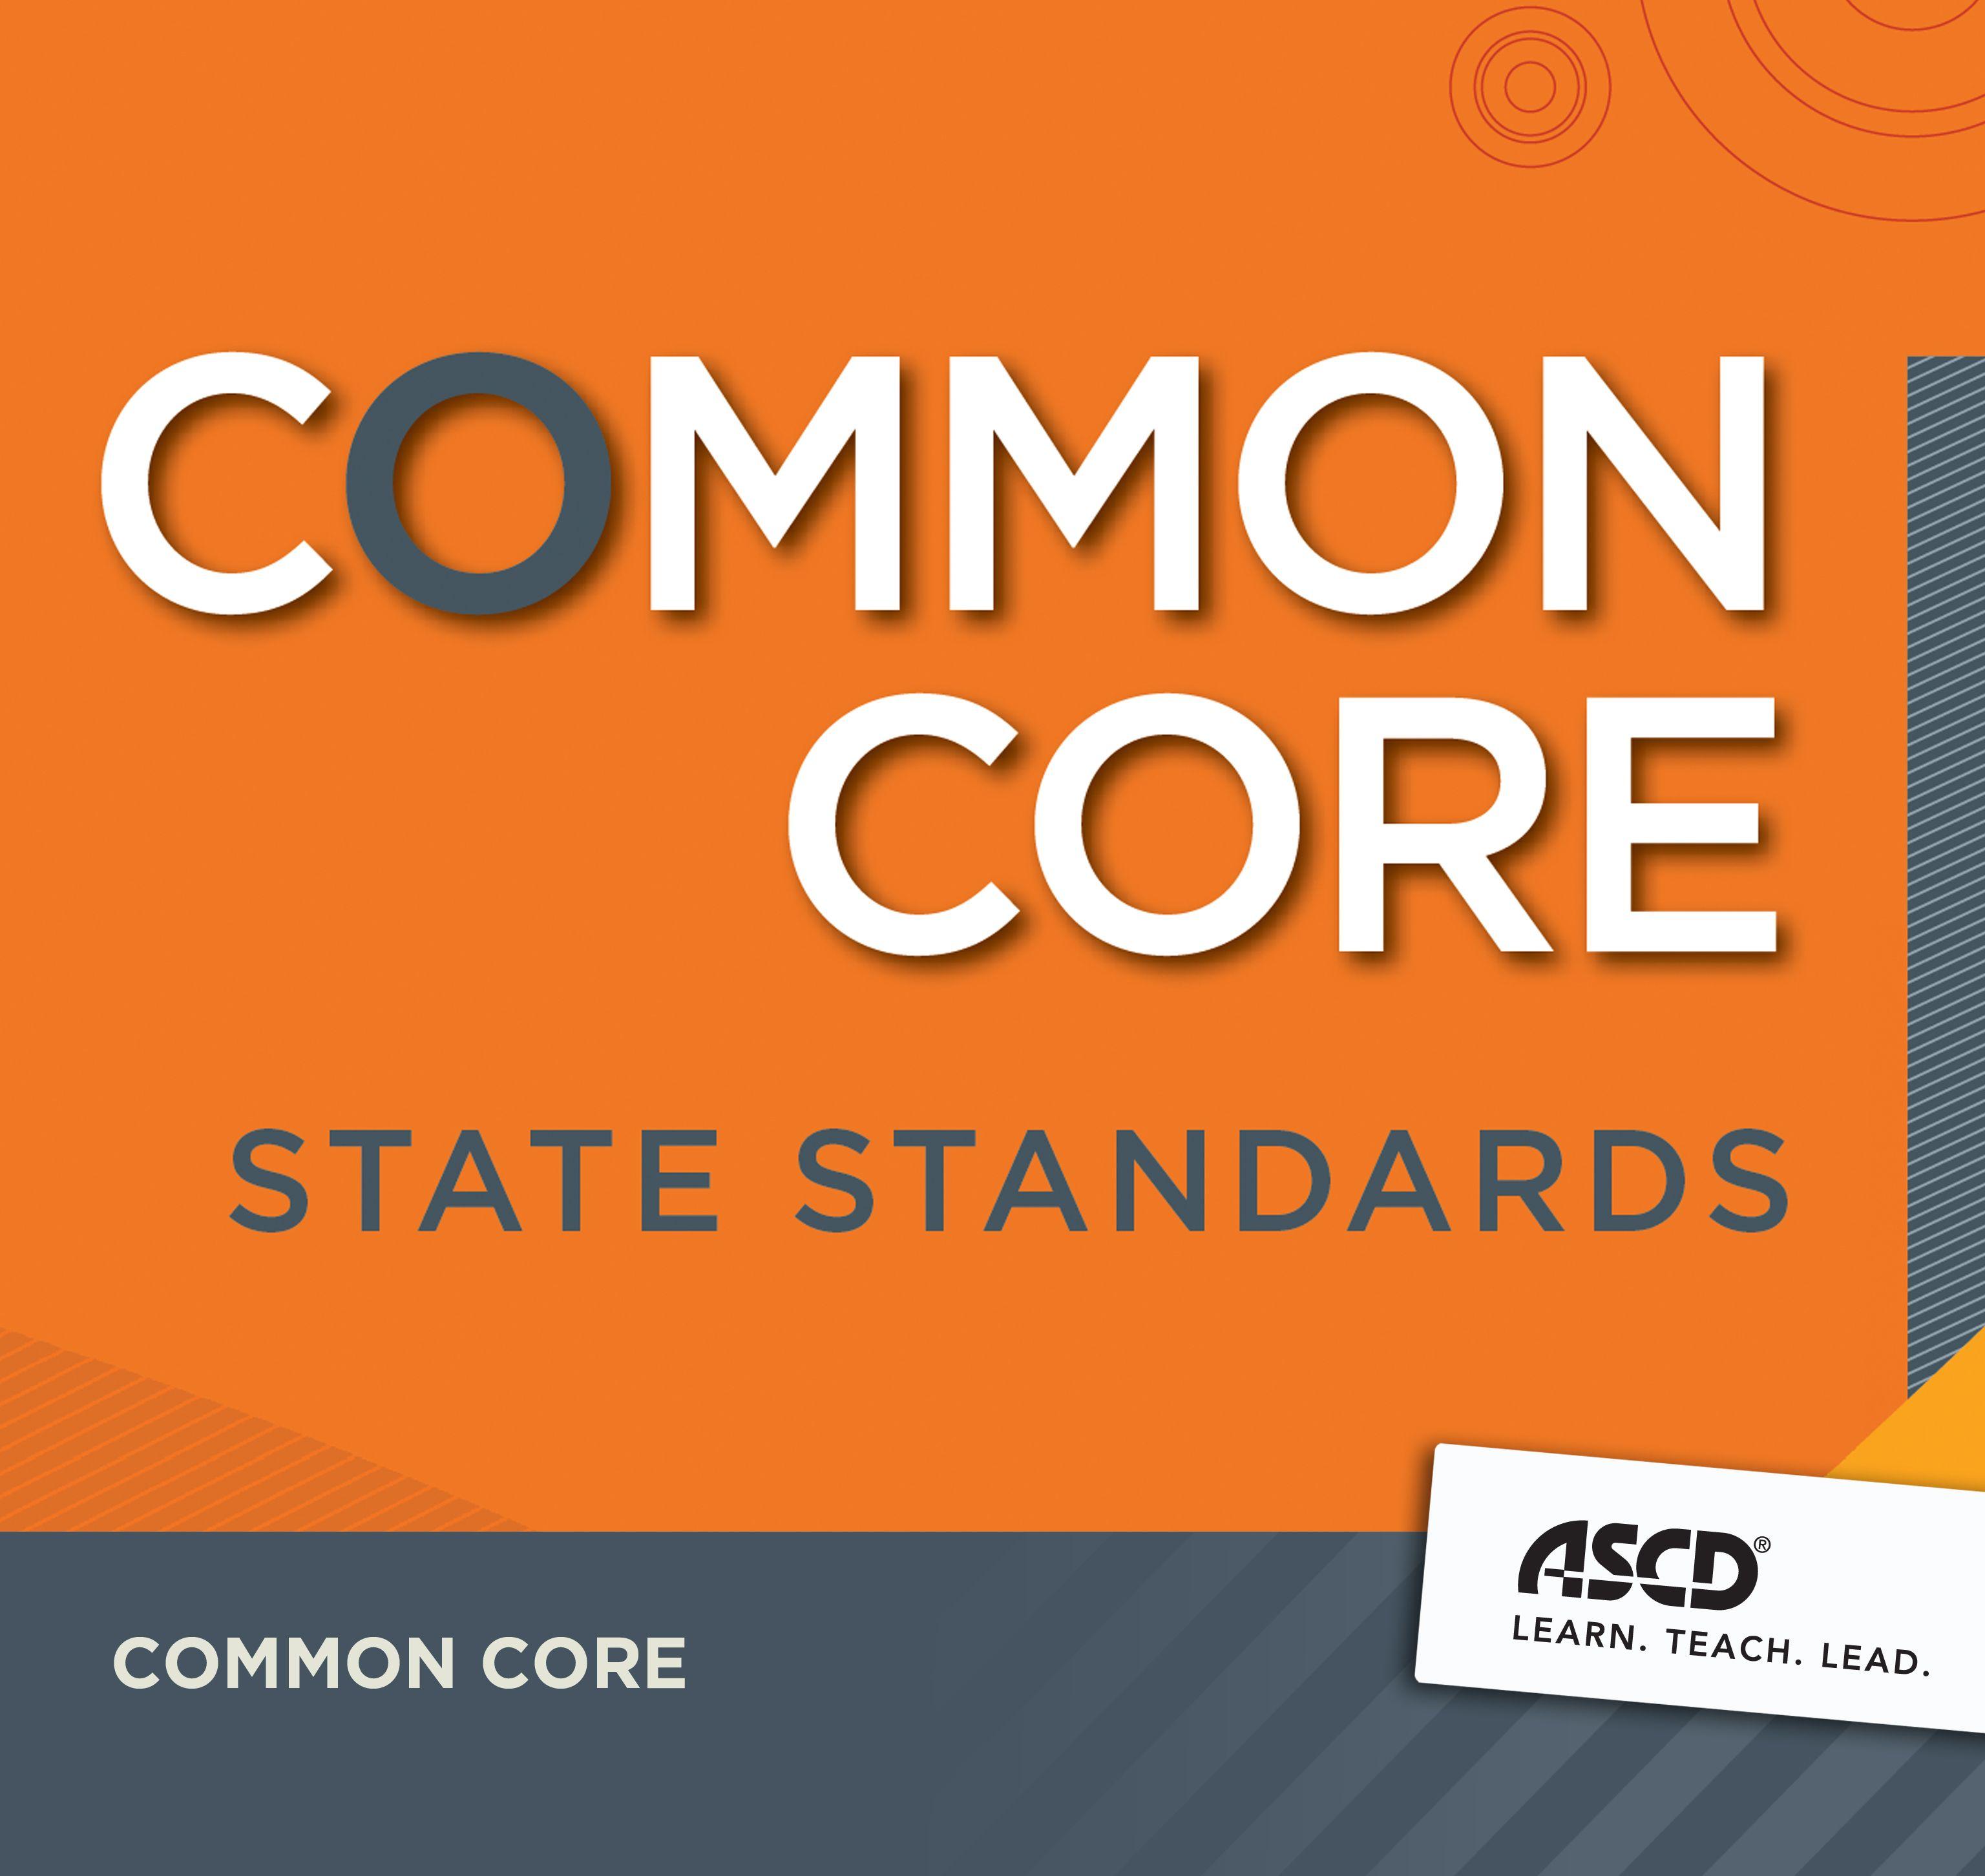 Check Ascd' Common Core Resources